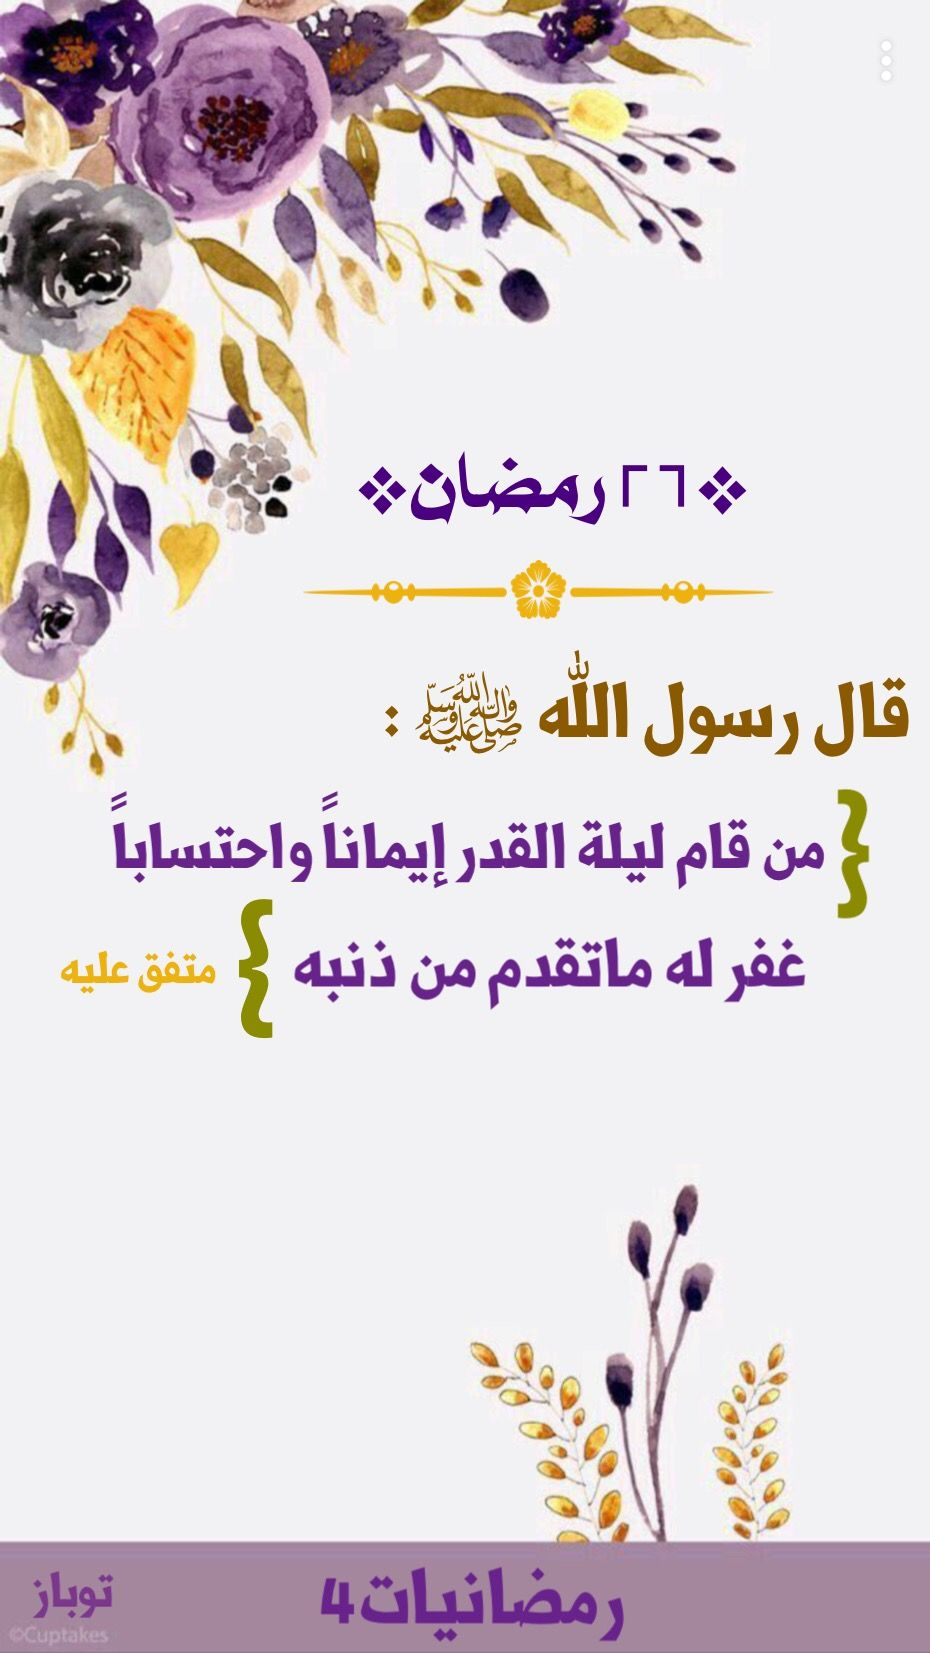 رمضانيات Ramadan Decorations Ramadan Ramadan Mubarak